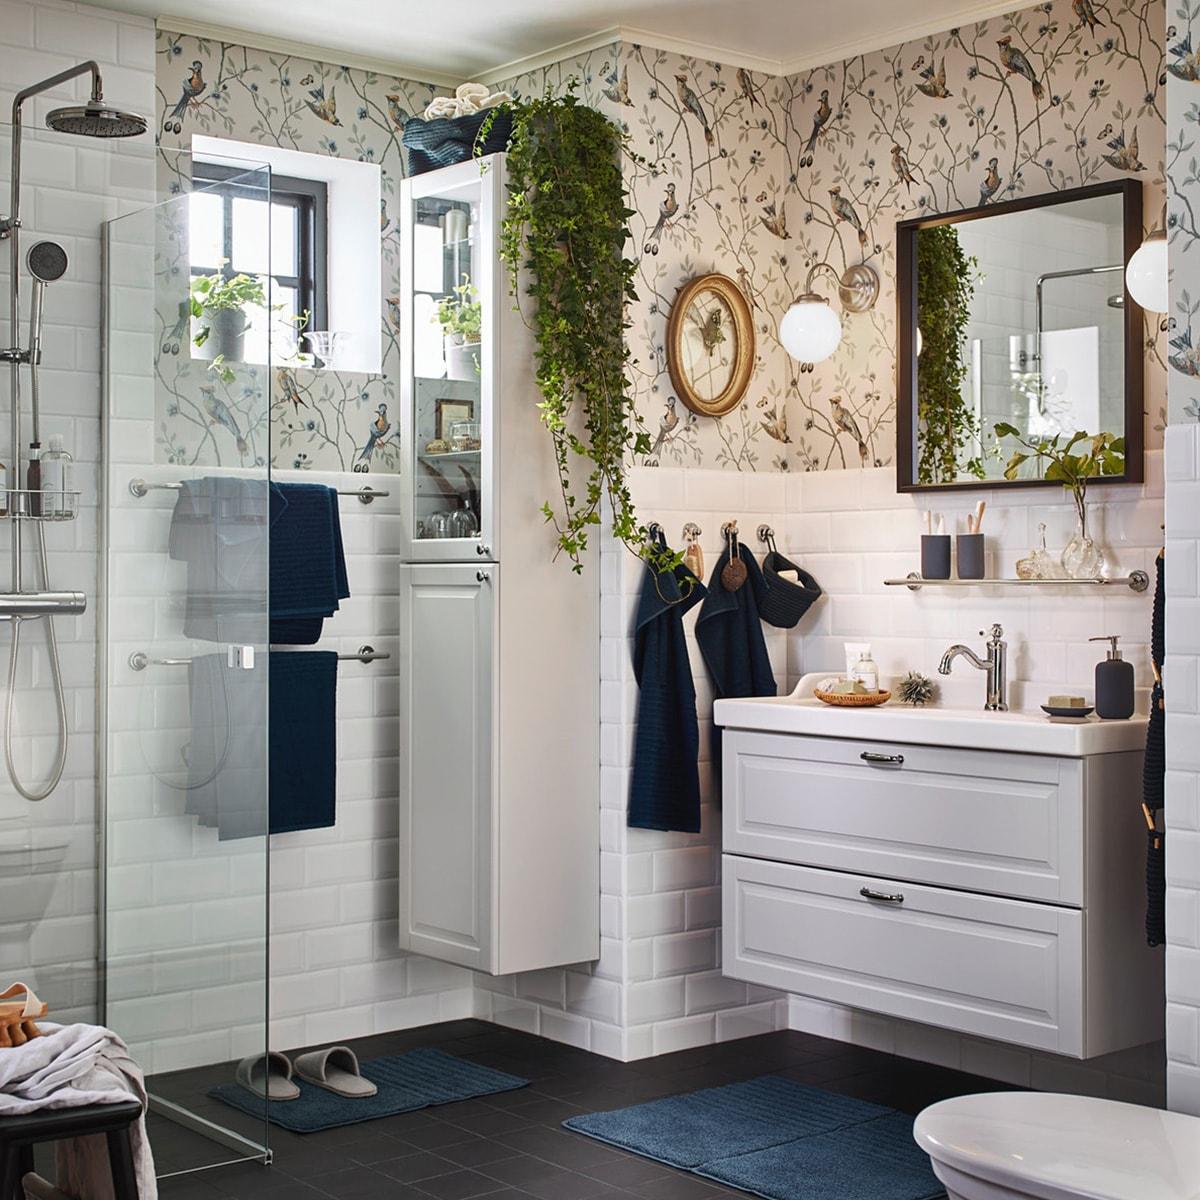 Inspiration et idées pour la salle de bain - IKEA Suisse